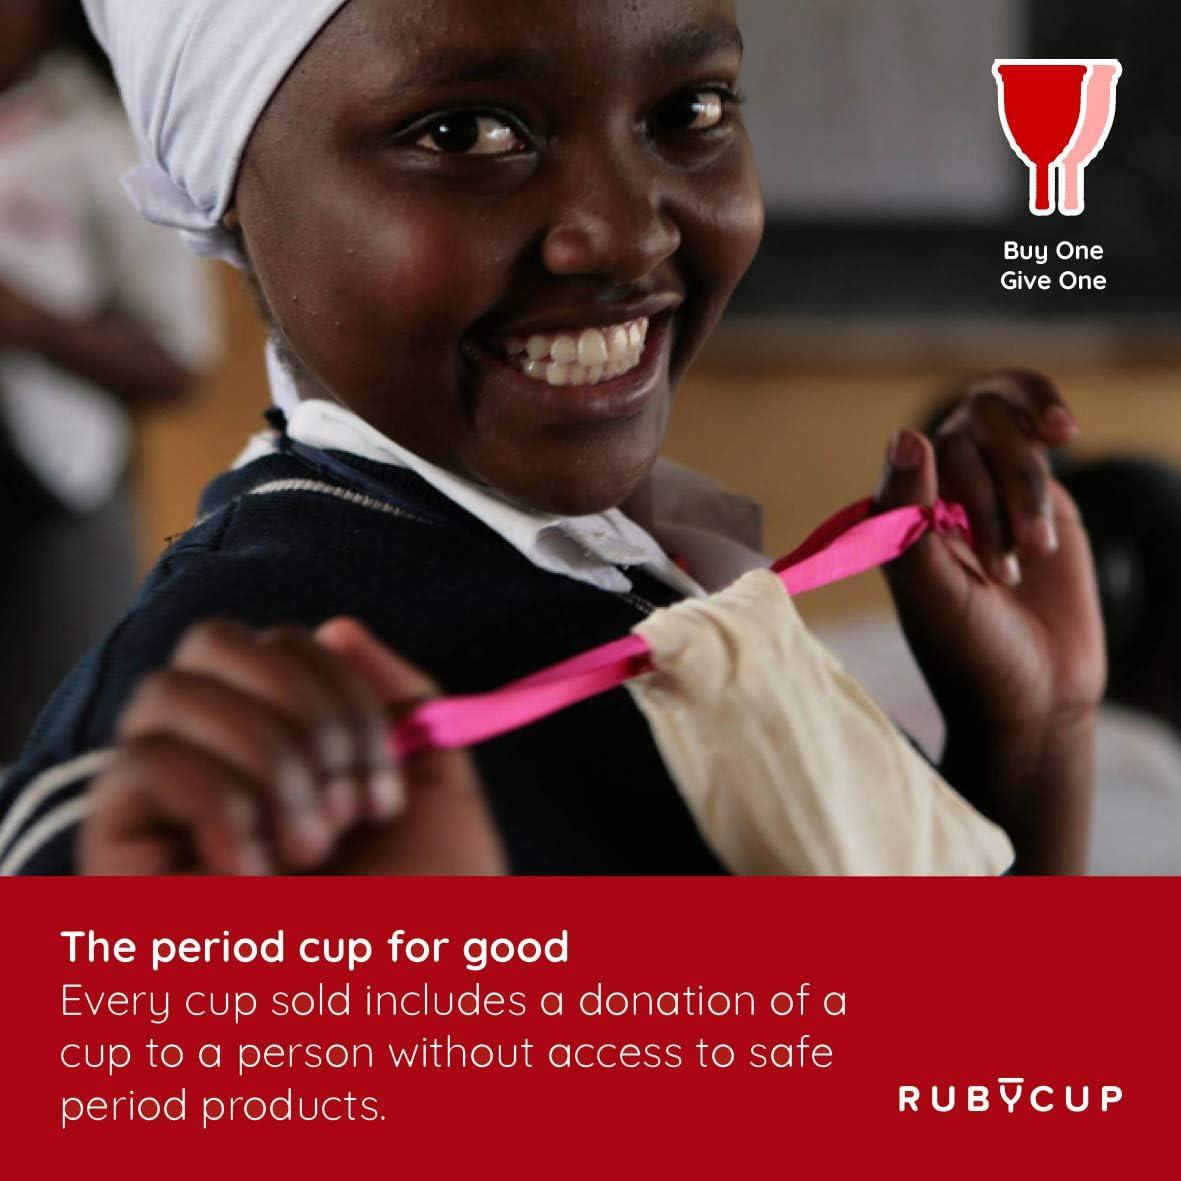 Ruby Cup - Copa menstrual reutilizable hipoalergenica y suave- talla S (pequeña, flujo ligero) – TRANSPARENTE – Incluye donación de copa. Perfecta ...